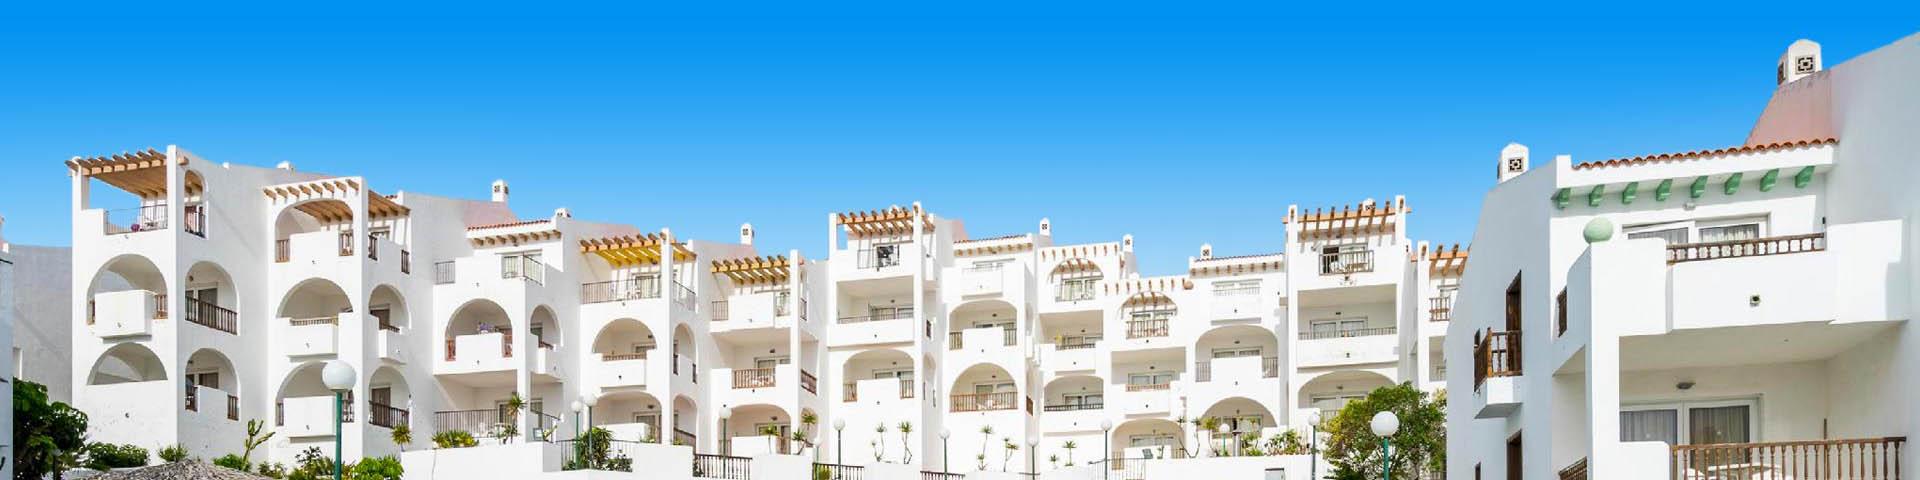 Uitzicht op het hotelgebouw van hotelketen Blue Sea en het zwembad